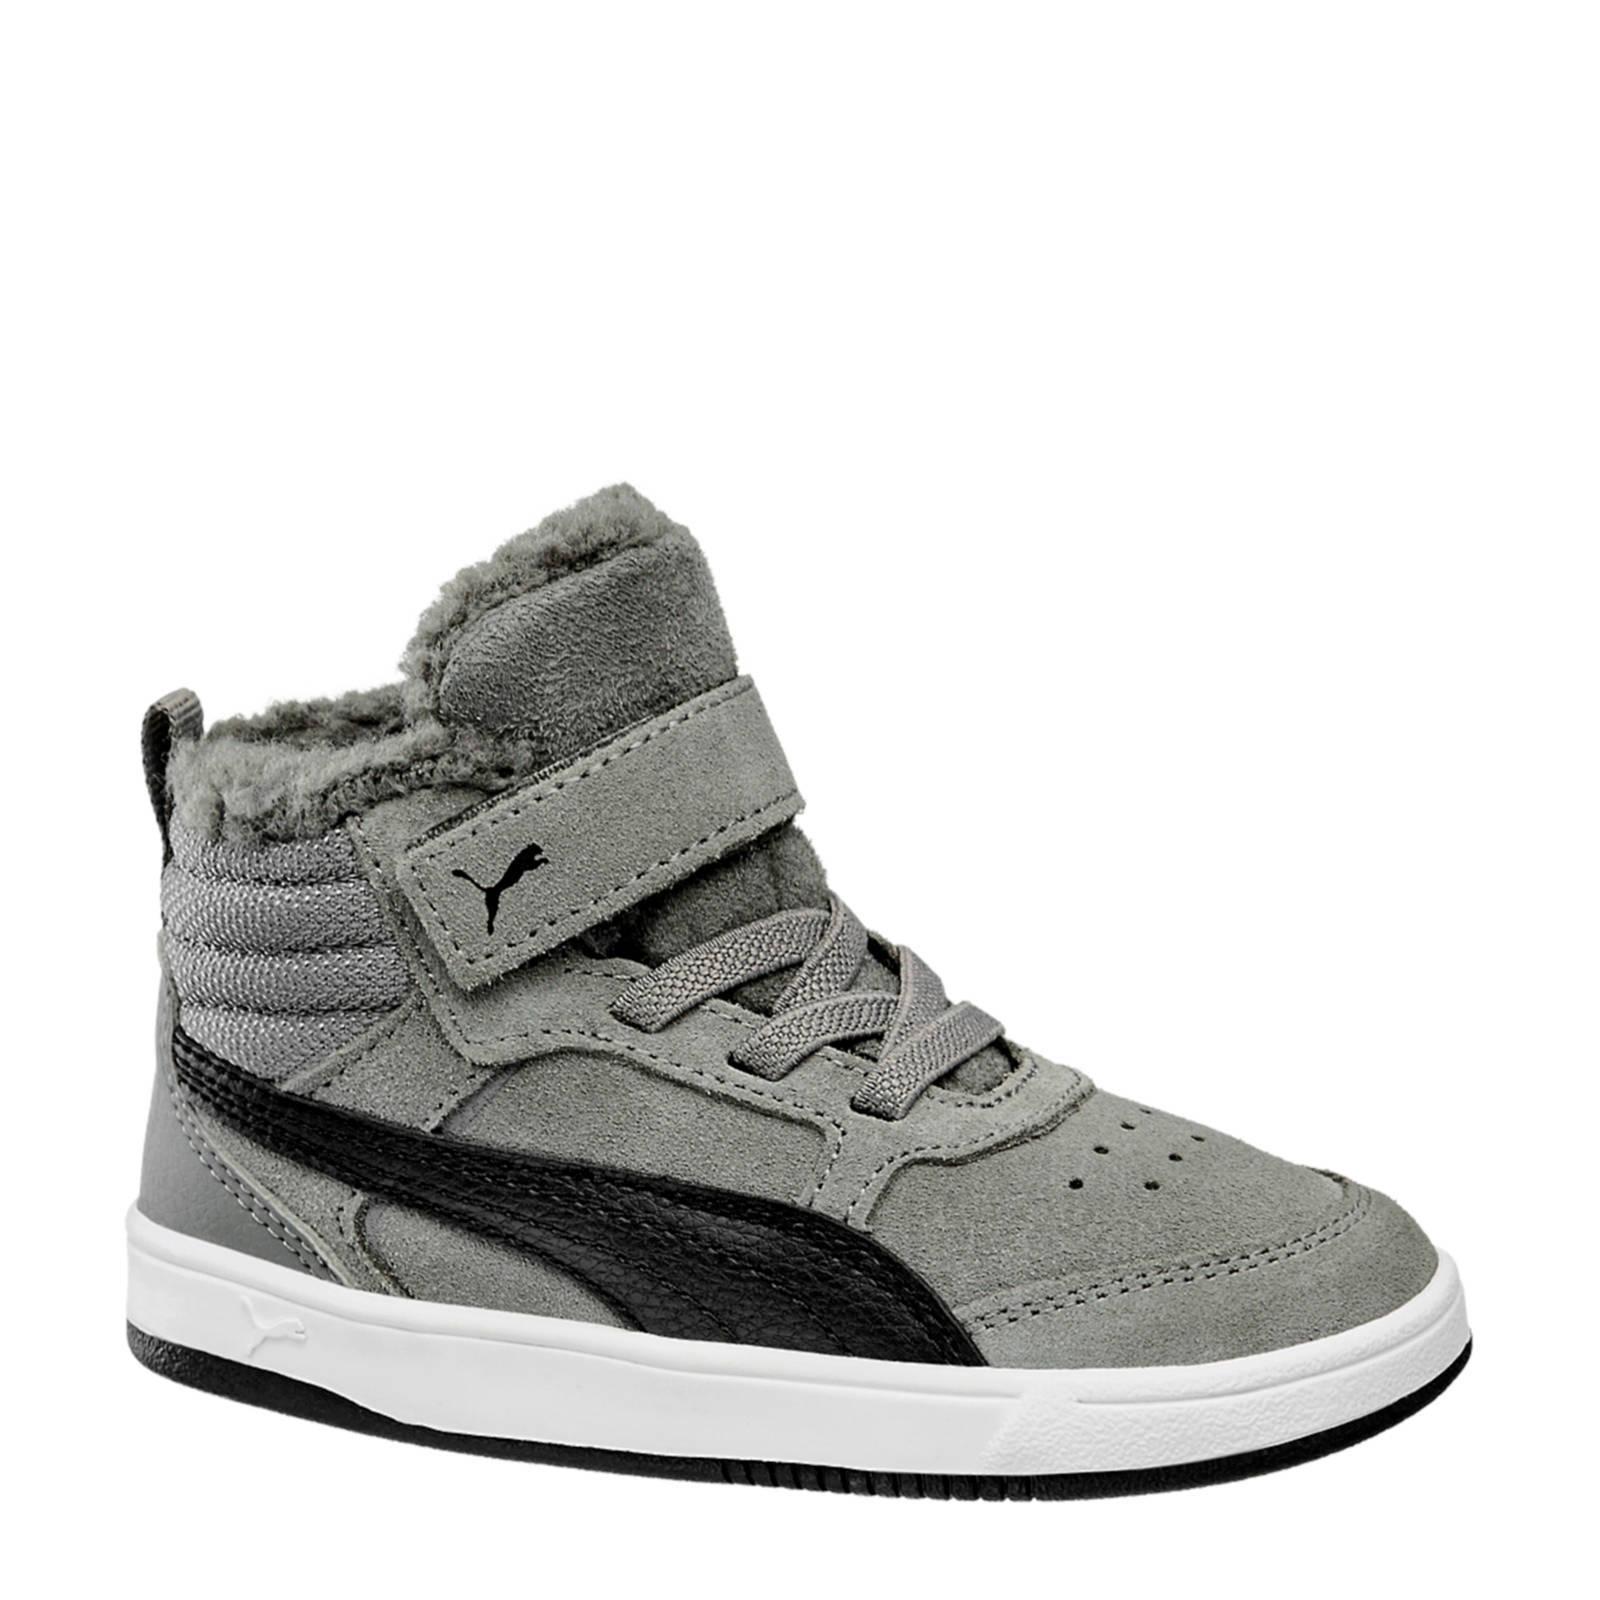 85017bc257d Wannahaves - schoenen bij wehkamp - Gratis bezorging vanaf 20.-